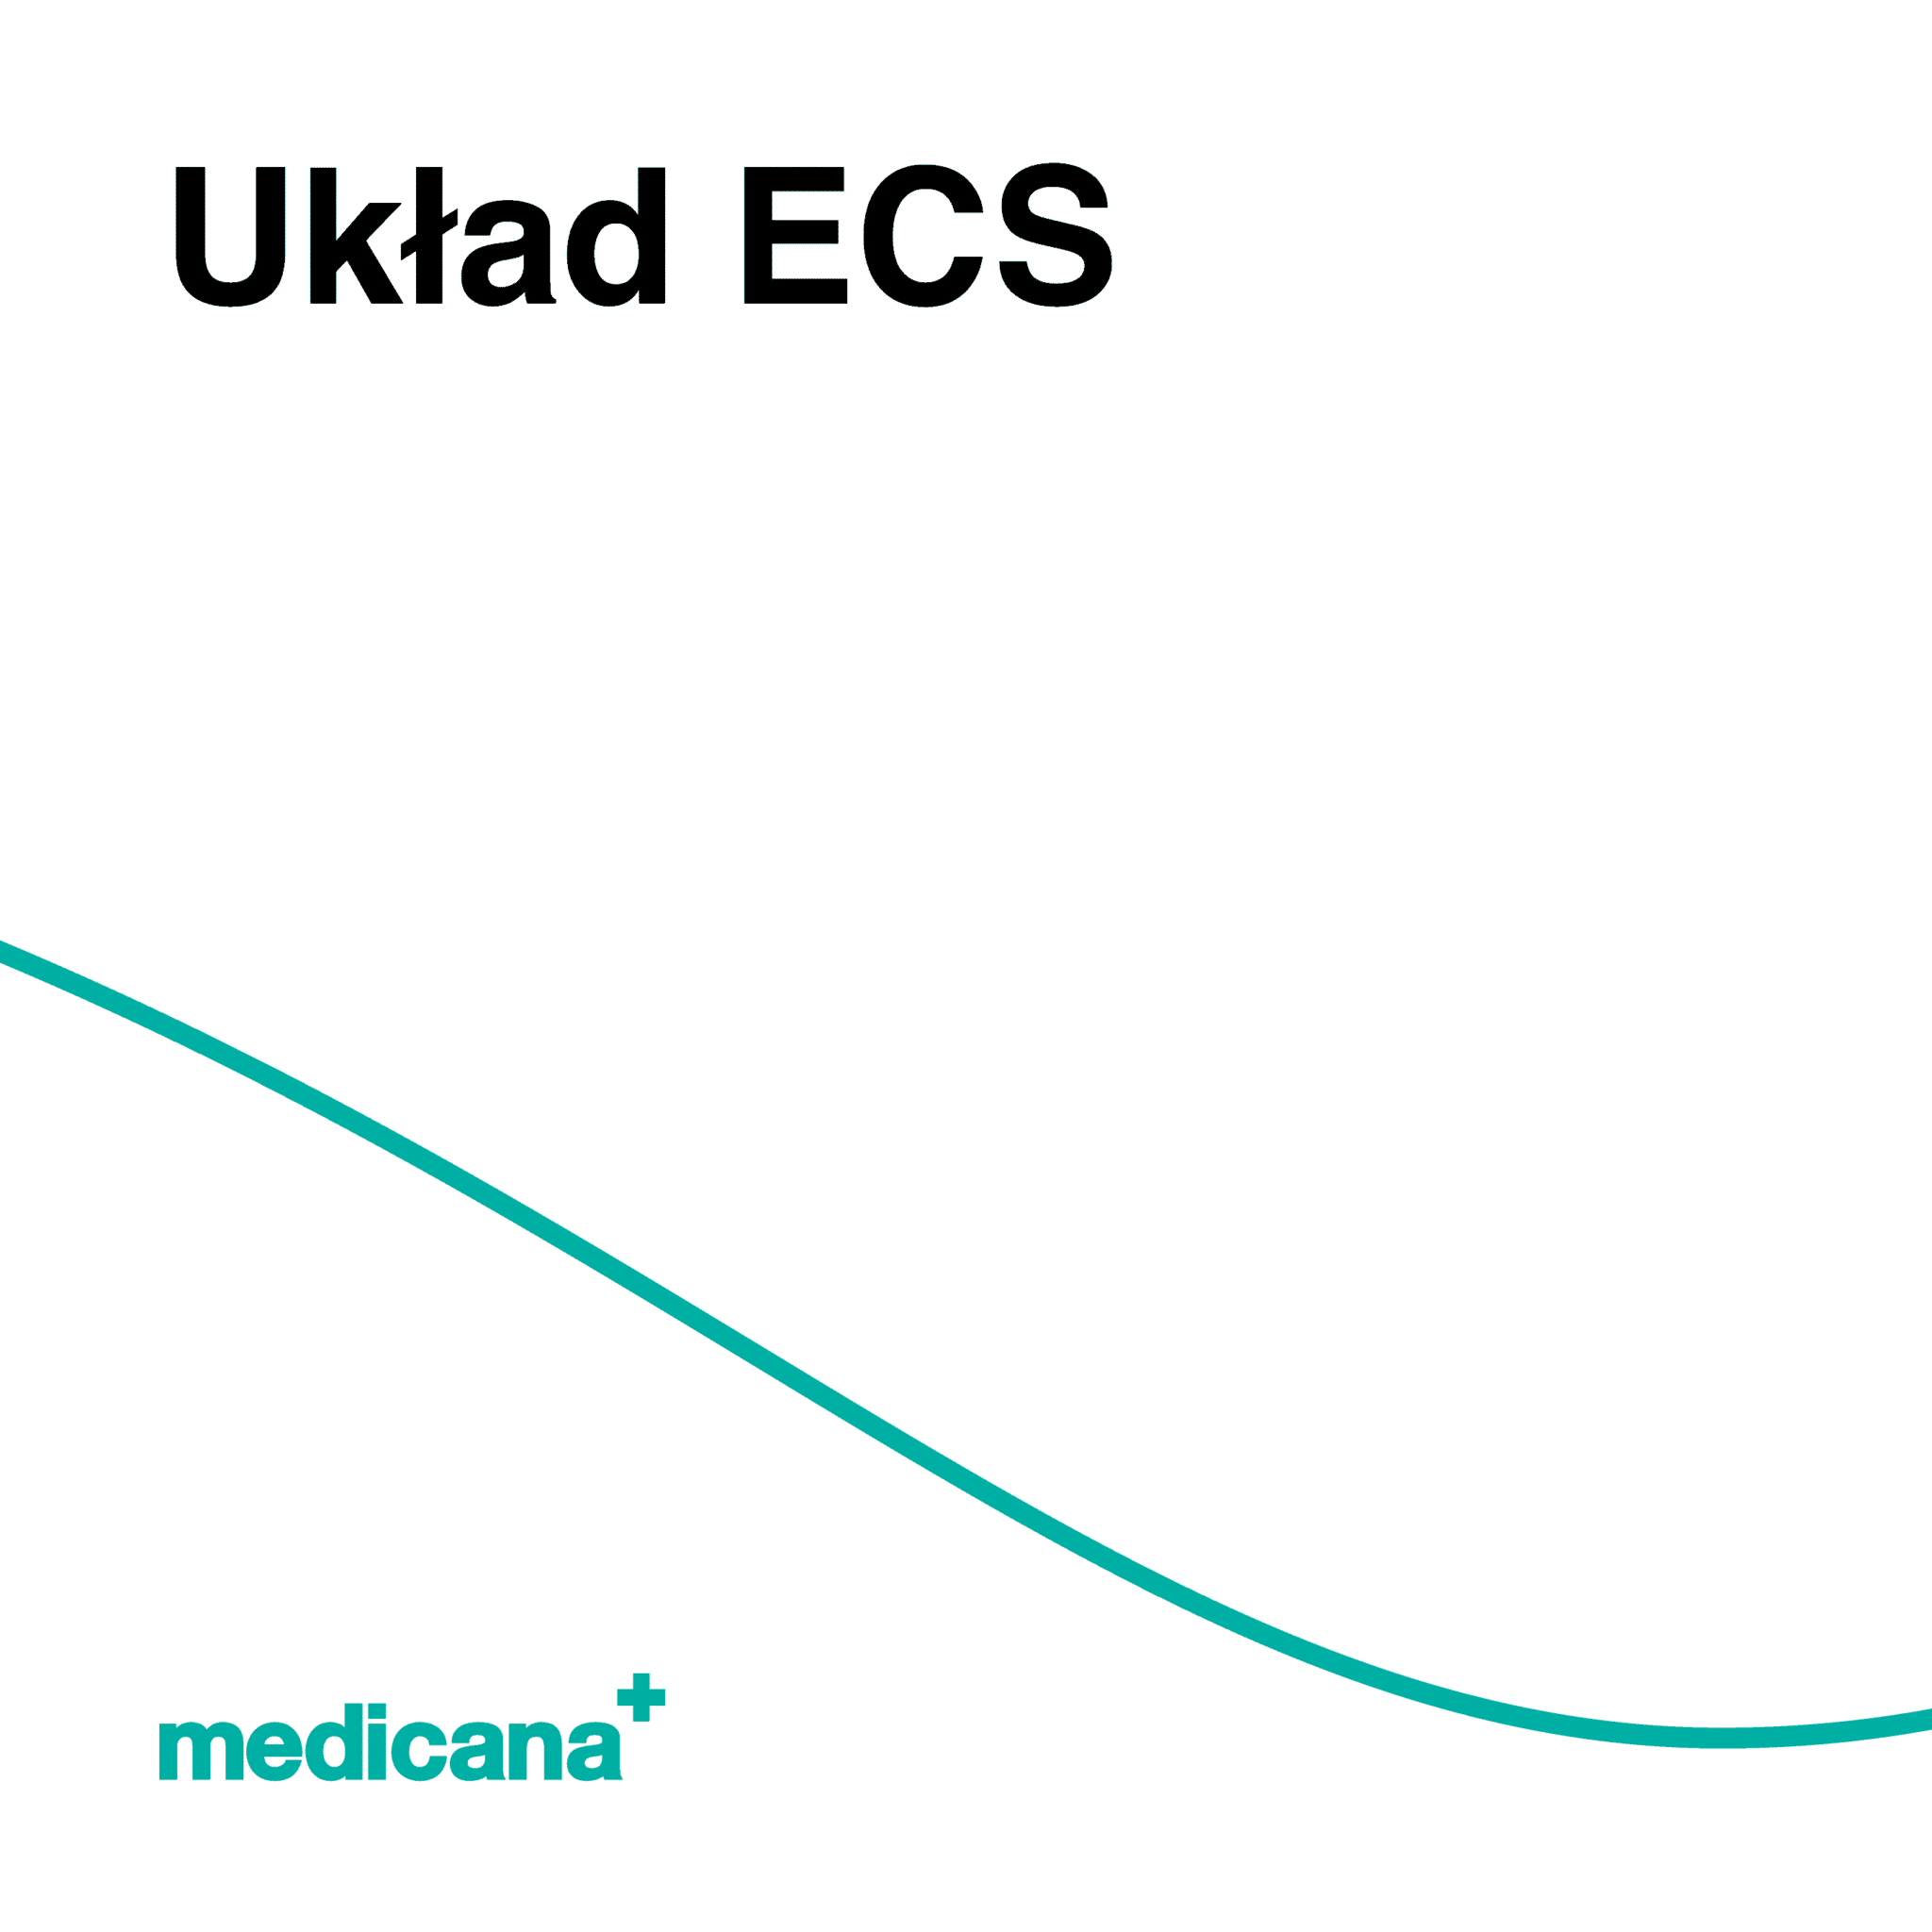 Grafika, białe tło z zieloną linią, czarnym napisem Układ ECS oraz zielonym logo Medicana w lewym dolnym rogu.